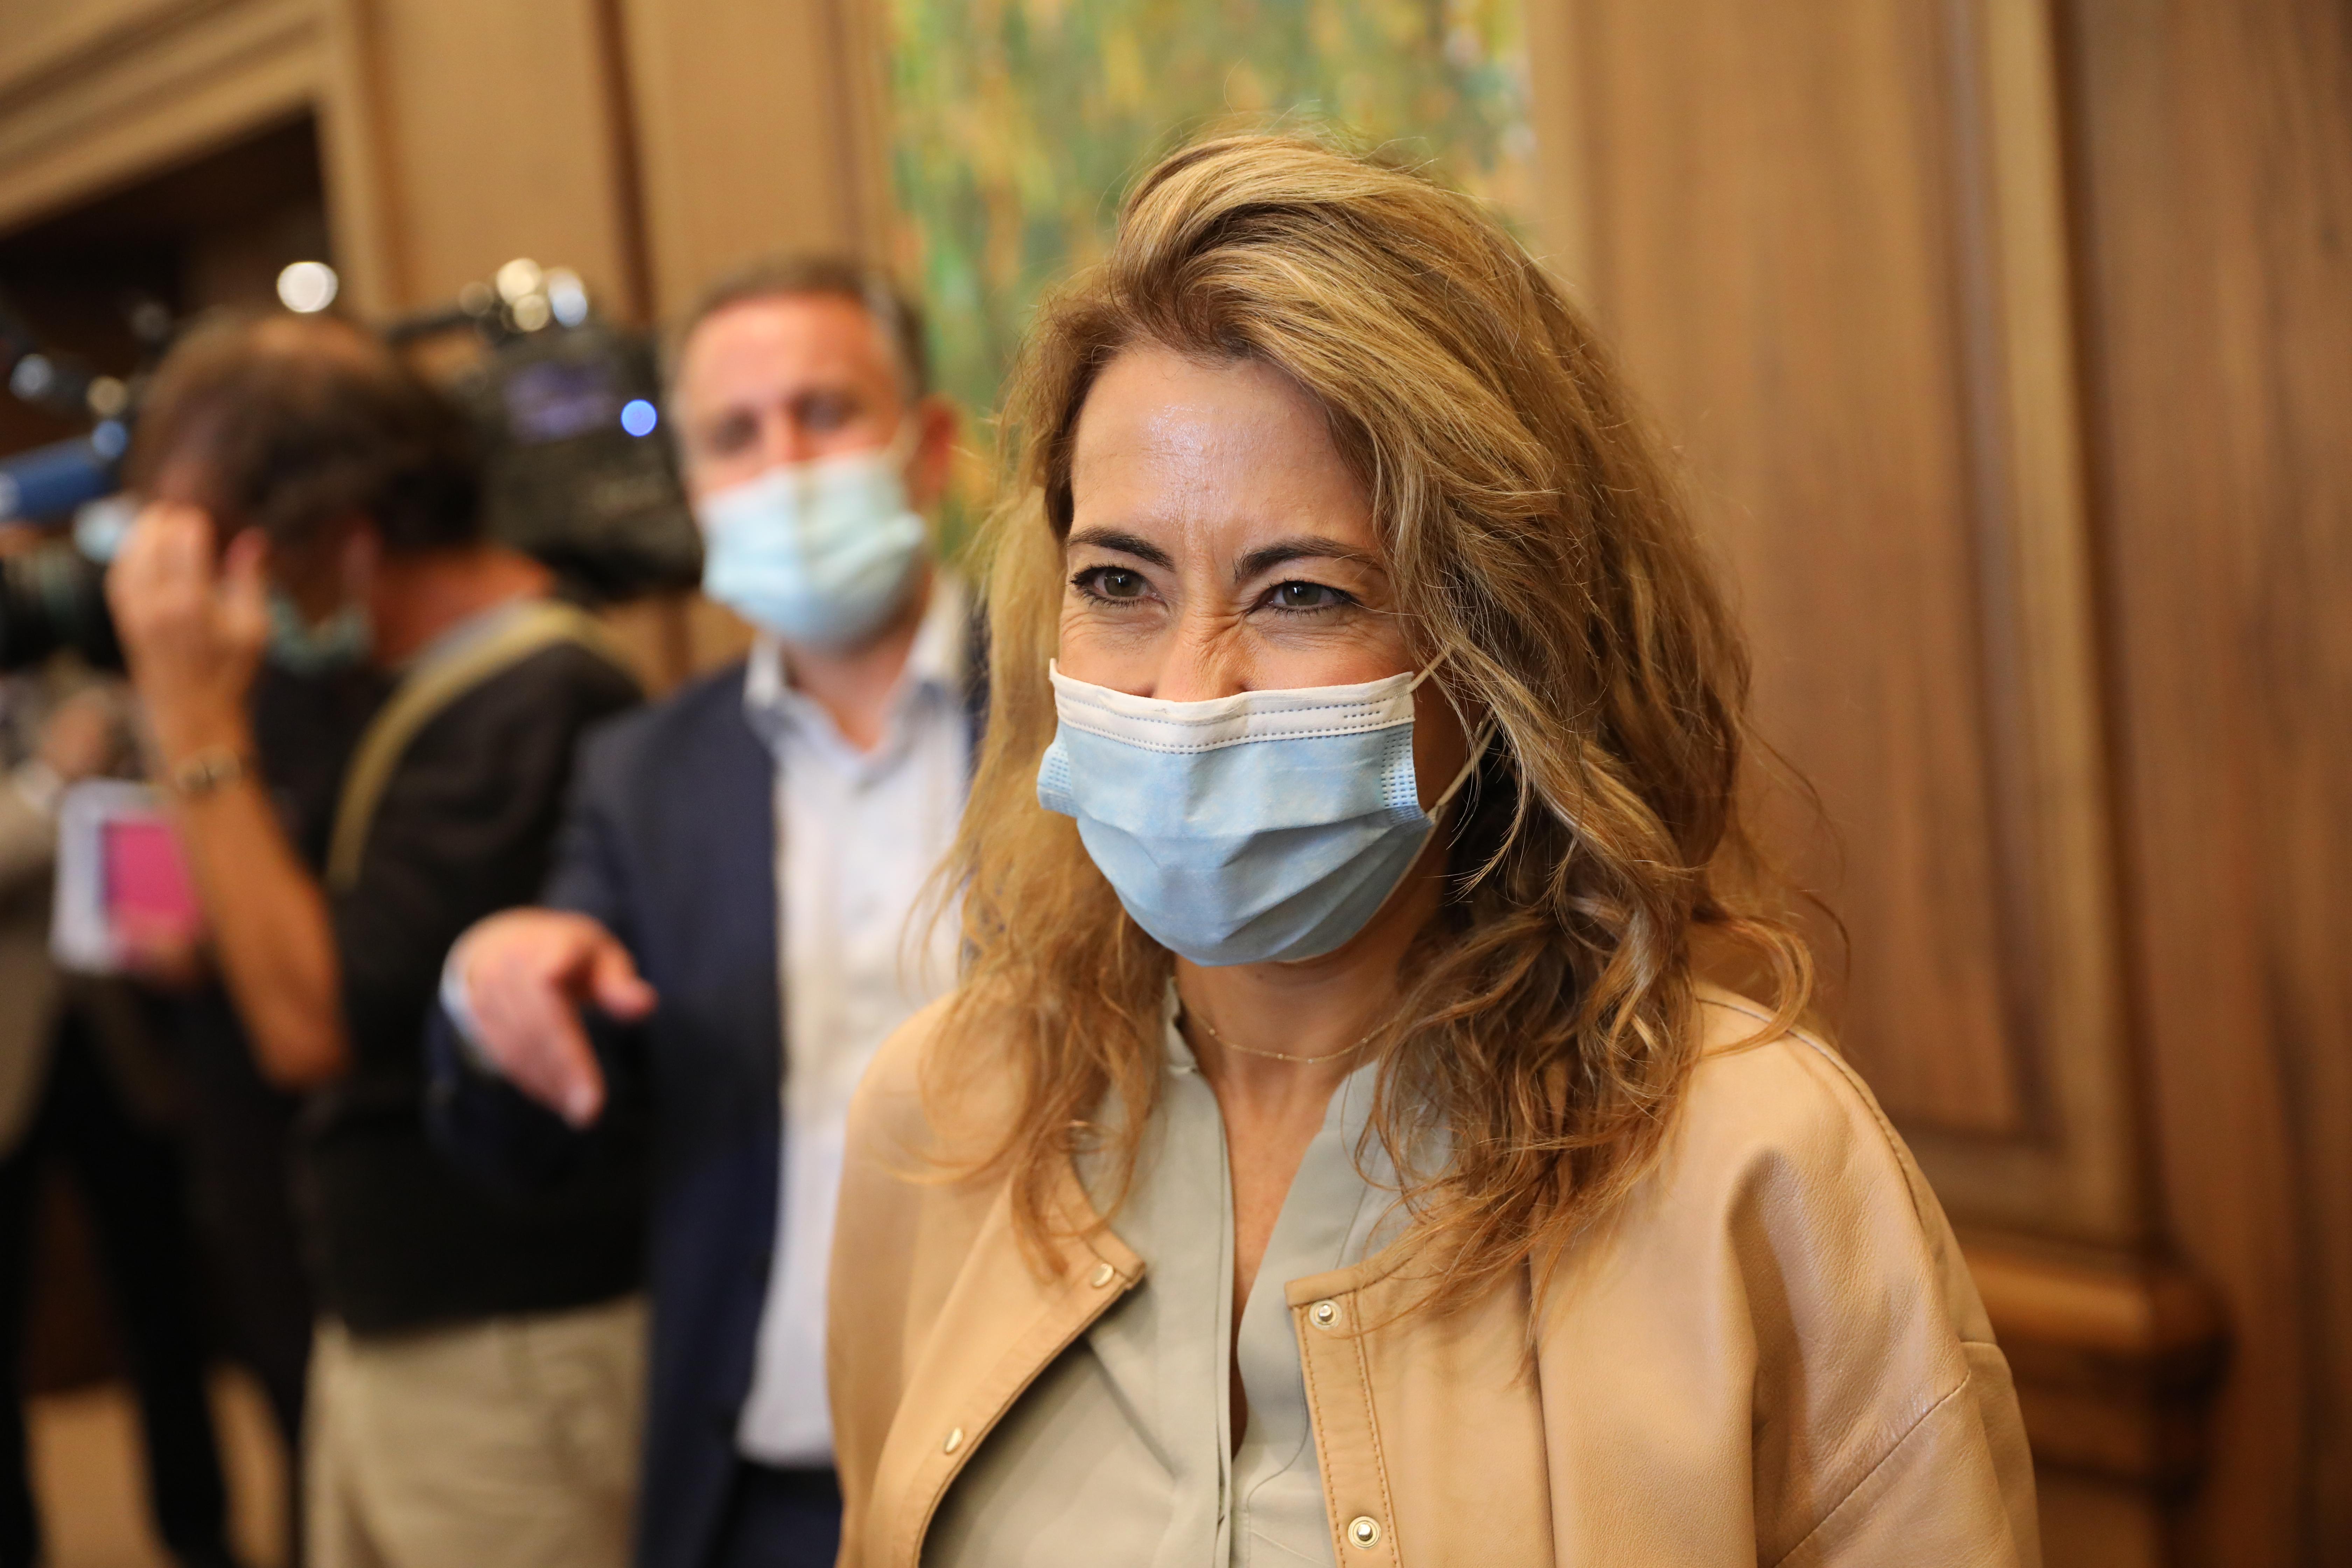 La ministra de Transportes, Movilidad y Agenda Urbana, Raquel Sánchez